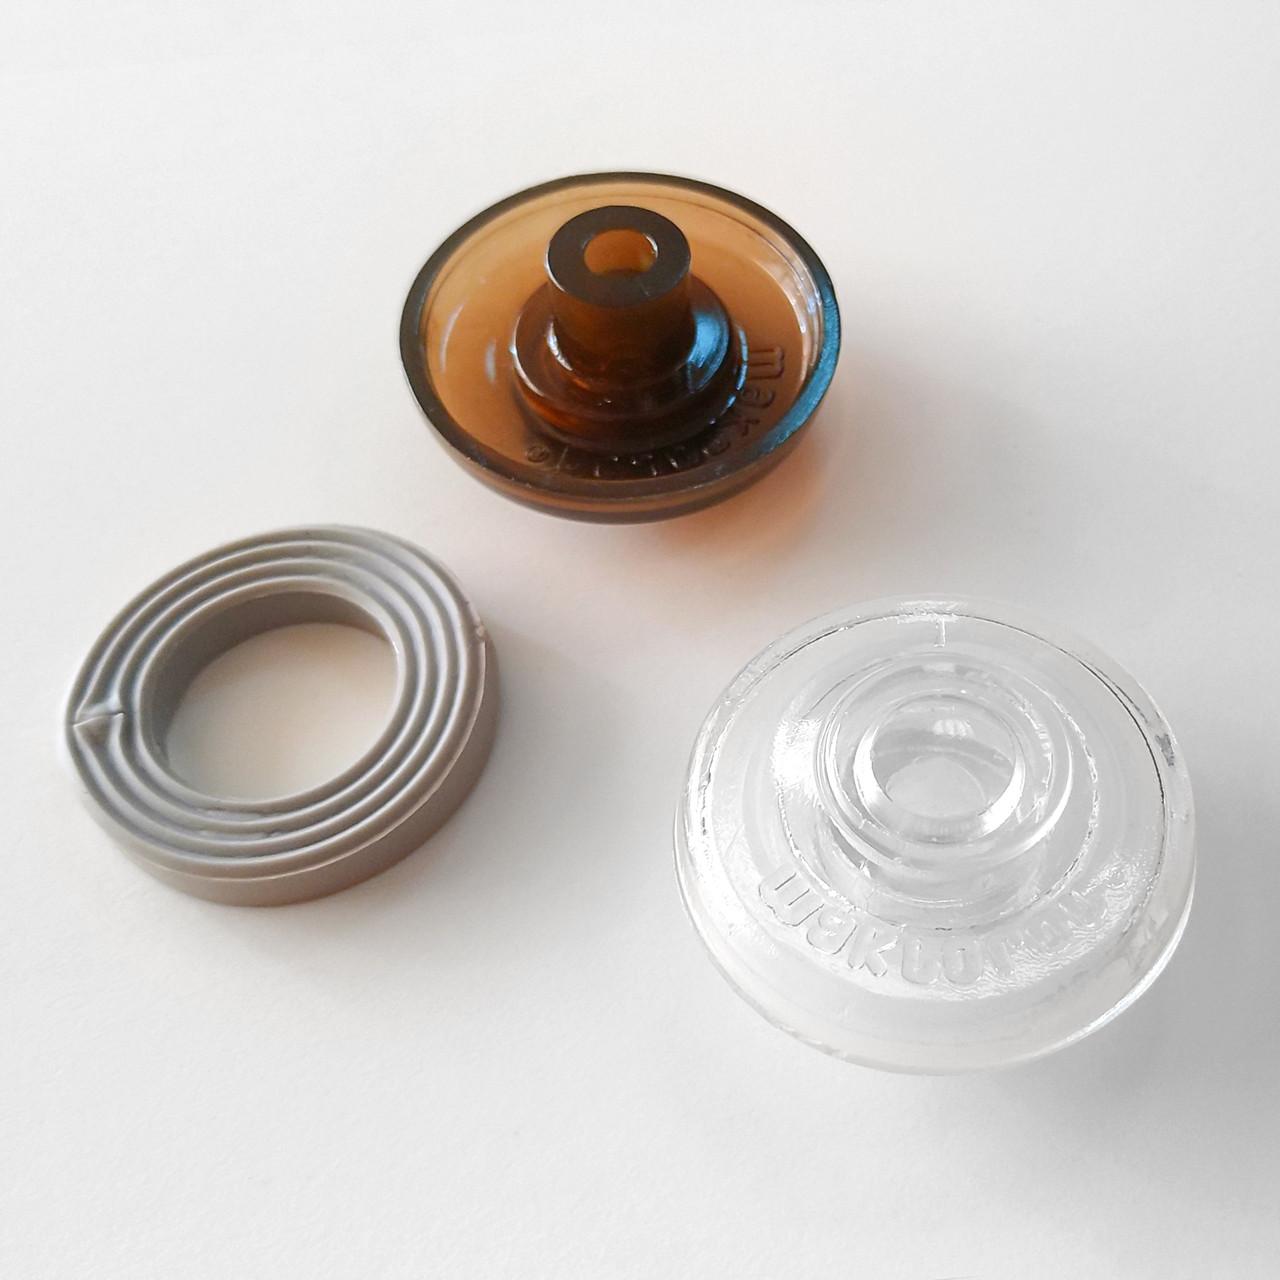 Термошайба Makrolon с резиновым кольцом, прозрачная, с ножкой 16 мм